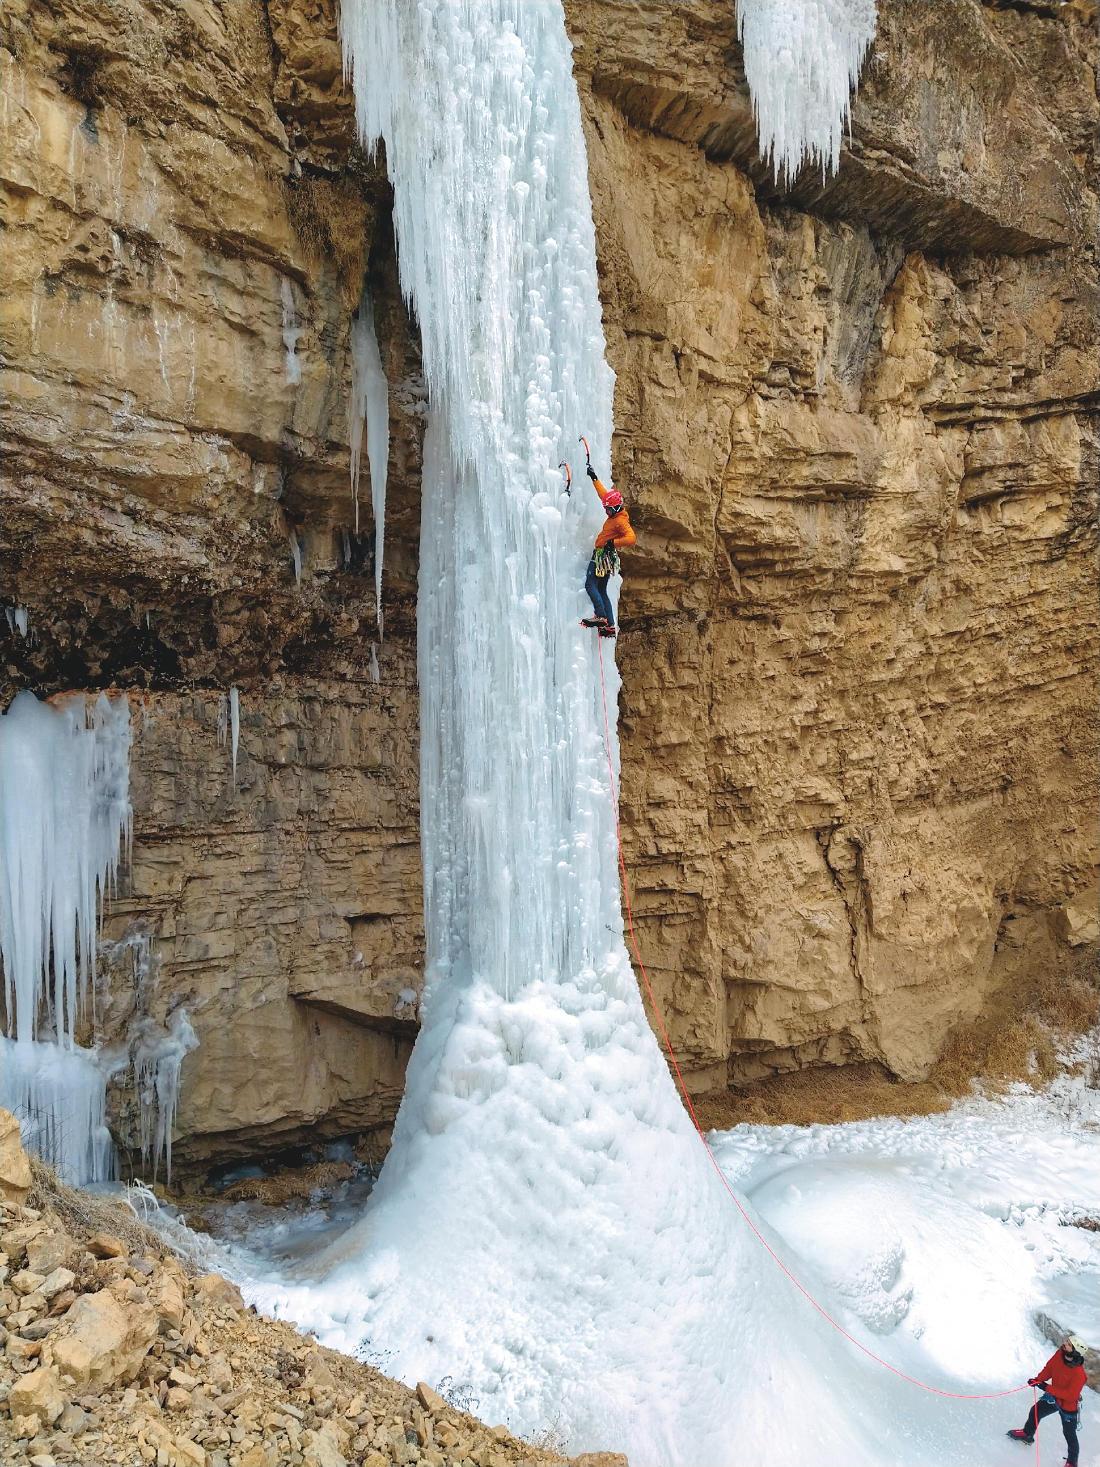 Kirill on a steep ice pillar